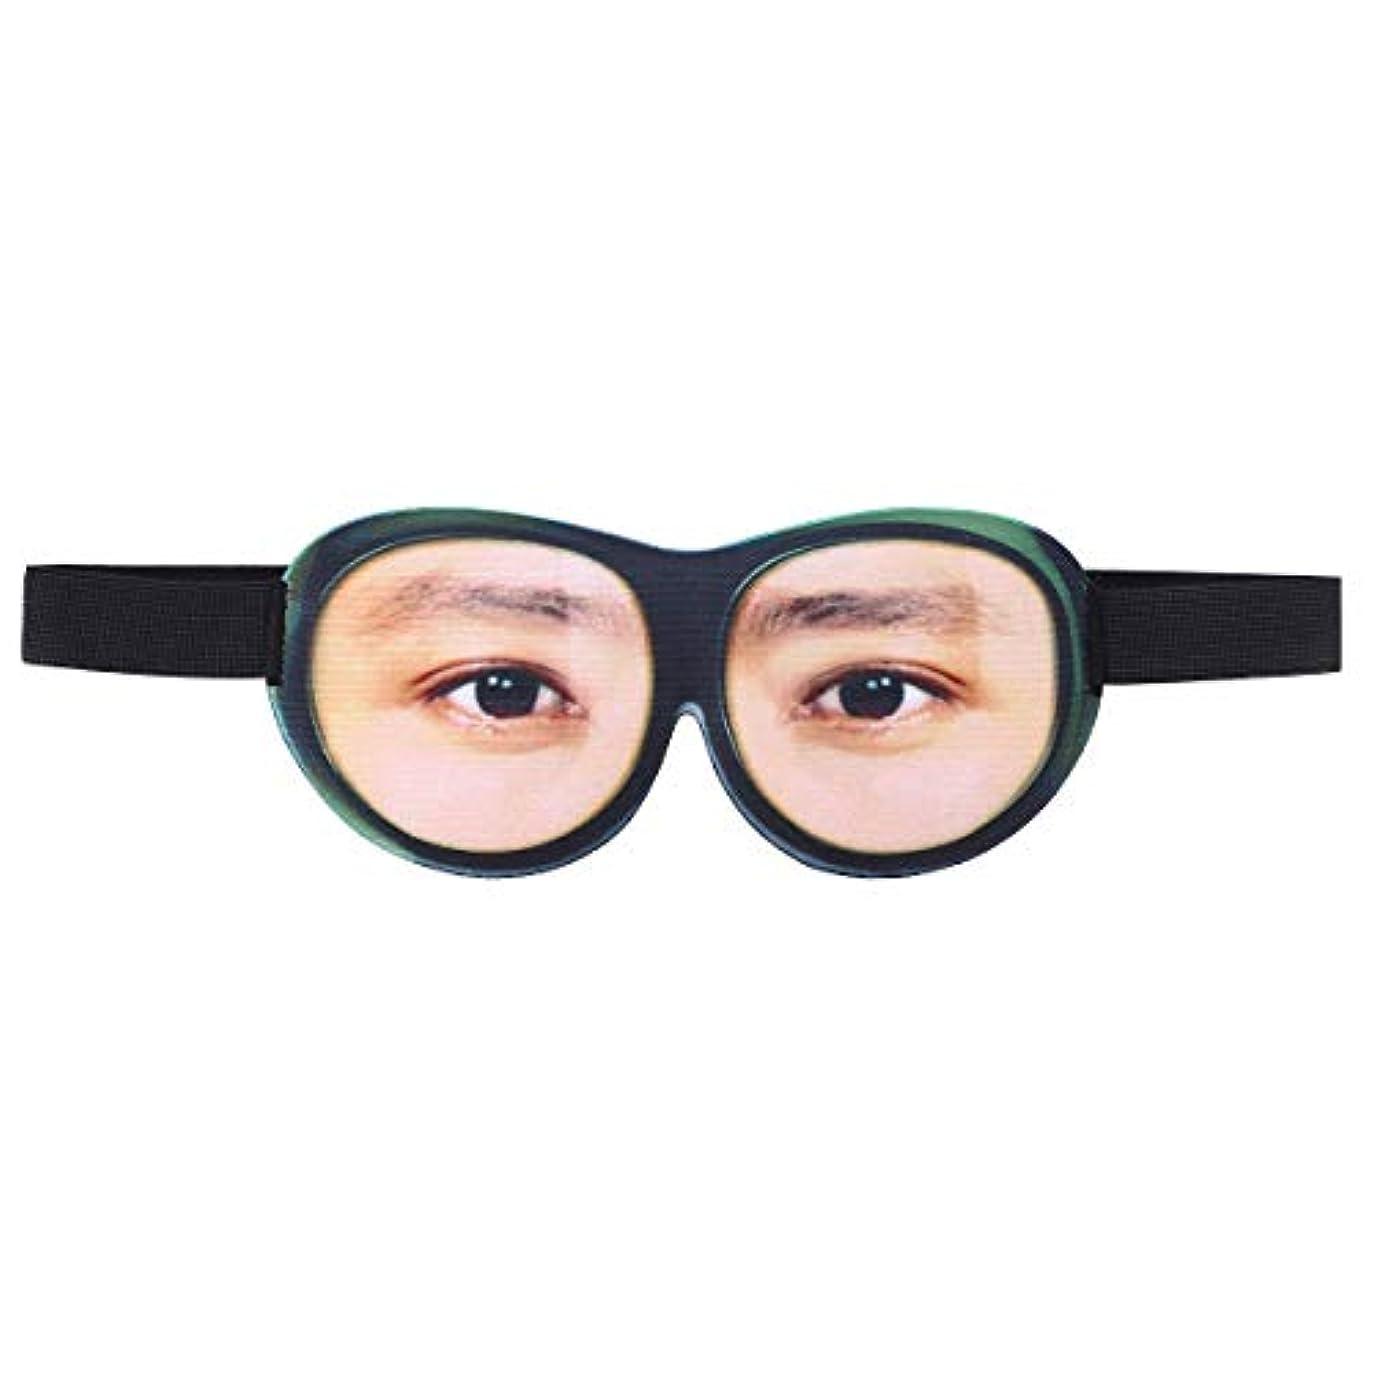 審判薄汚い正しいSUPVOX 男性と女性のための3D面白い睡眠マスク通気性目隠しアイマスク旅行睡眠マスク